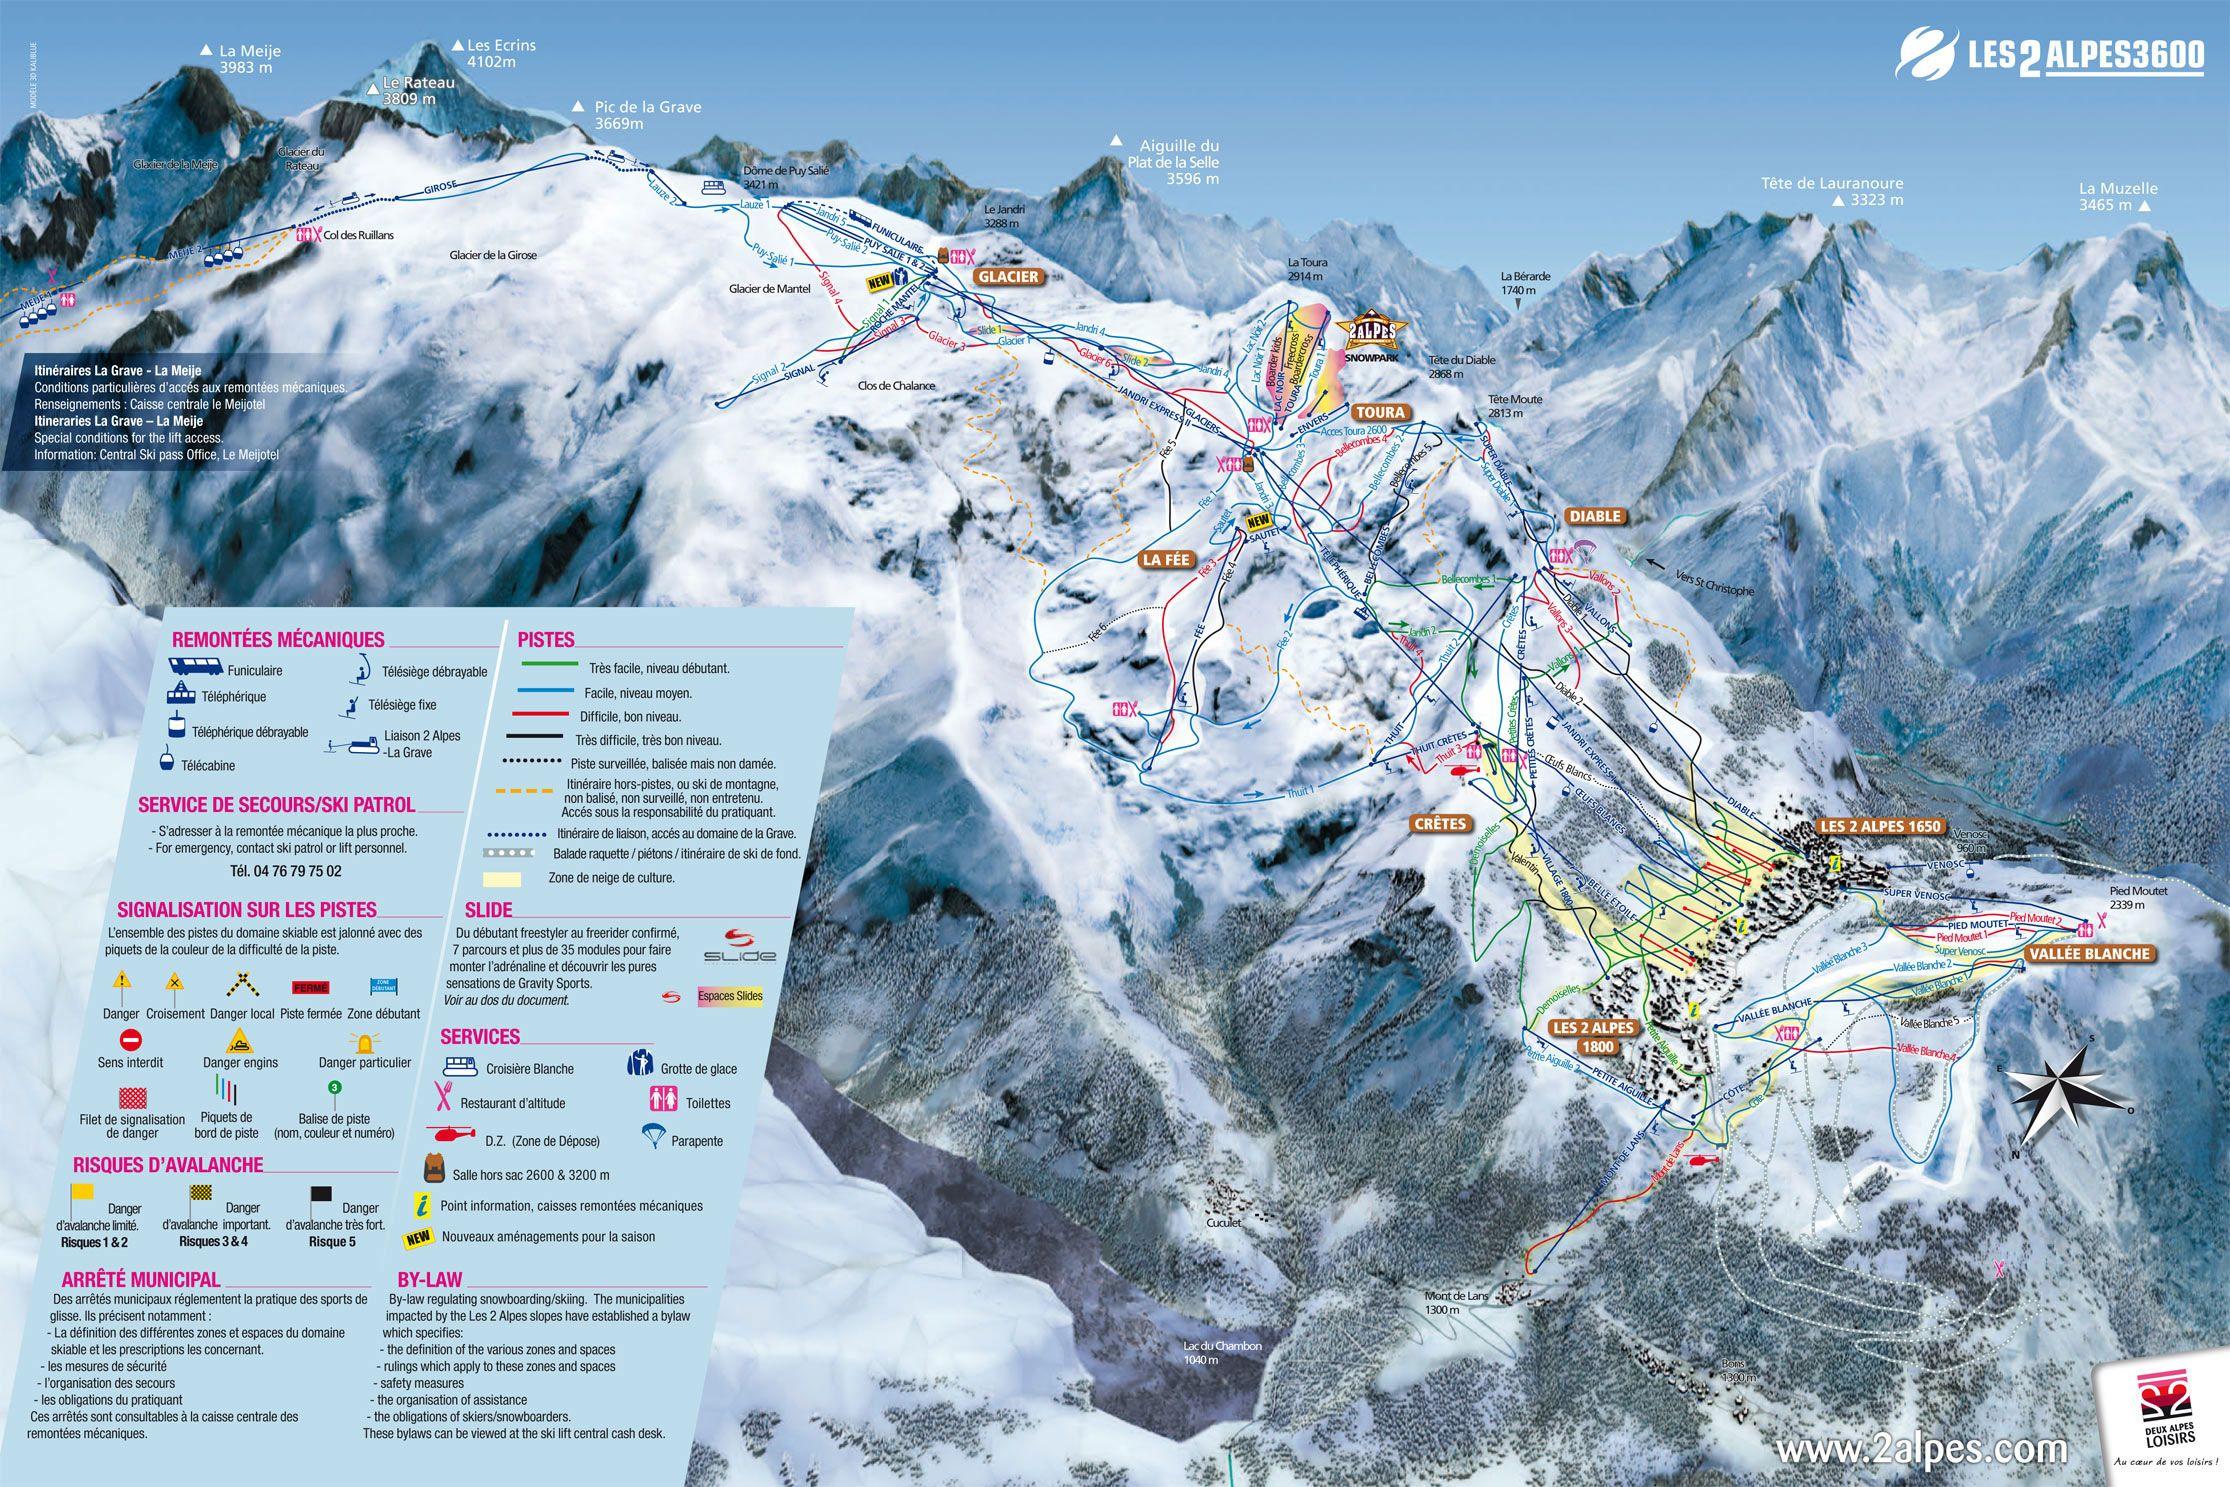 http://skitours.com.ua/sites/default/files/images/resorts/France/Les-Deux-Alpes/Les_Deux_Alpes_Piste_Map.jpg